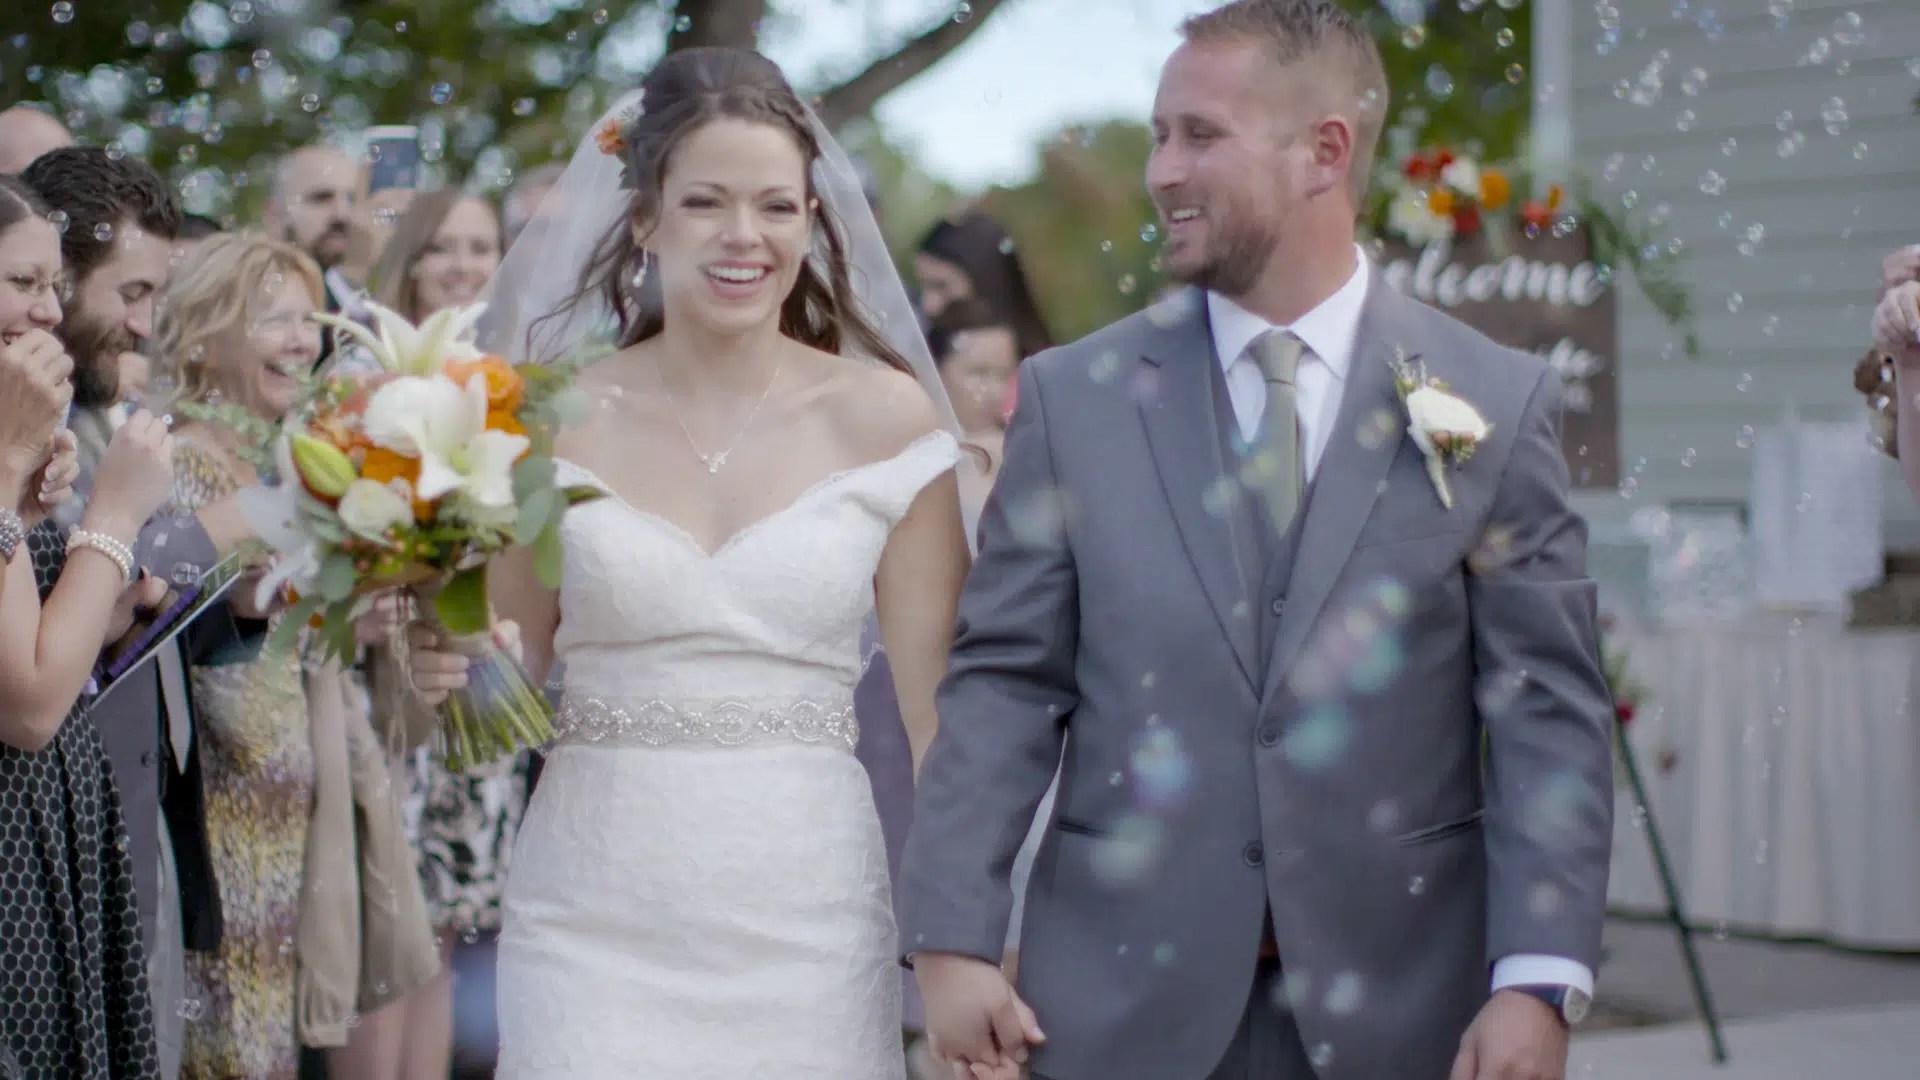 teamtheime16 wedding